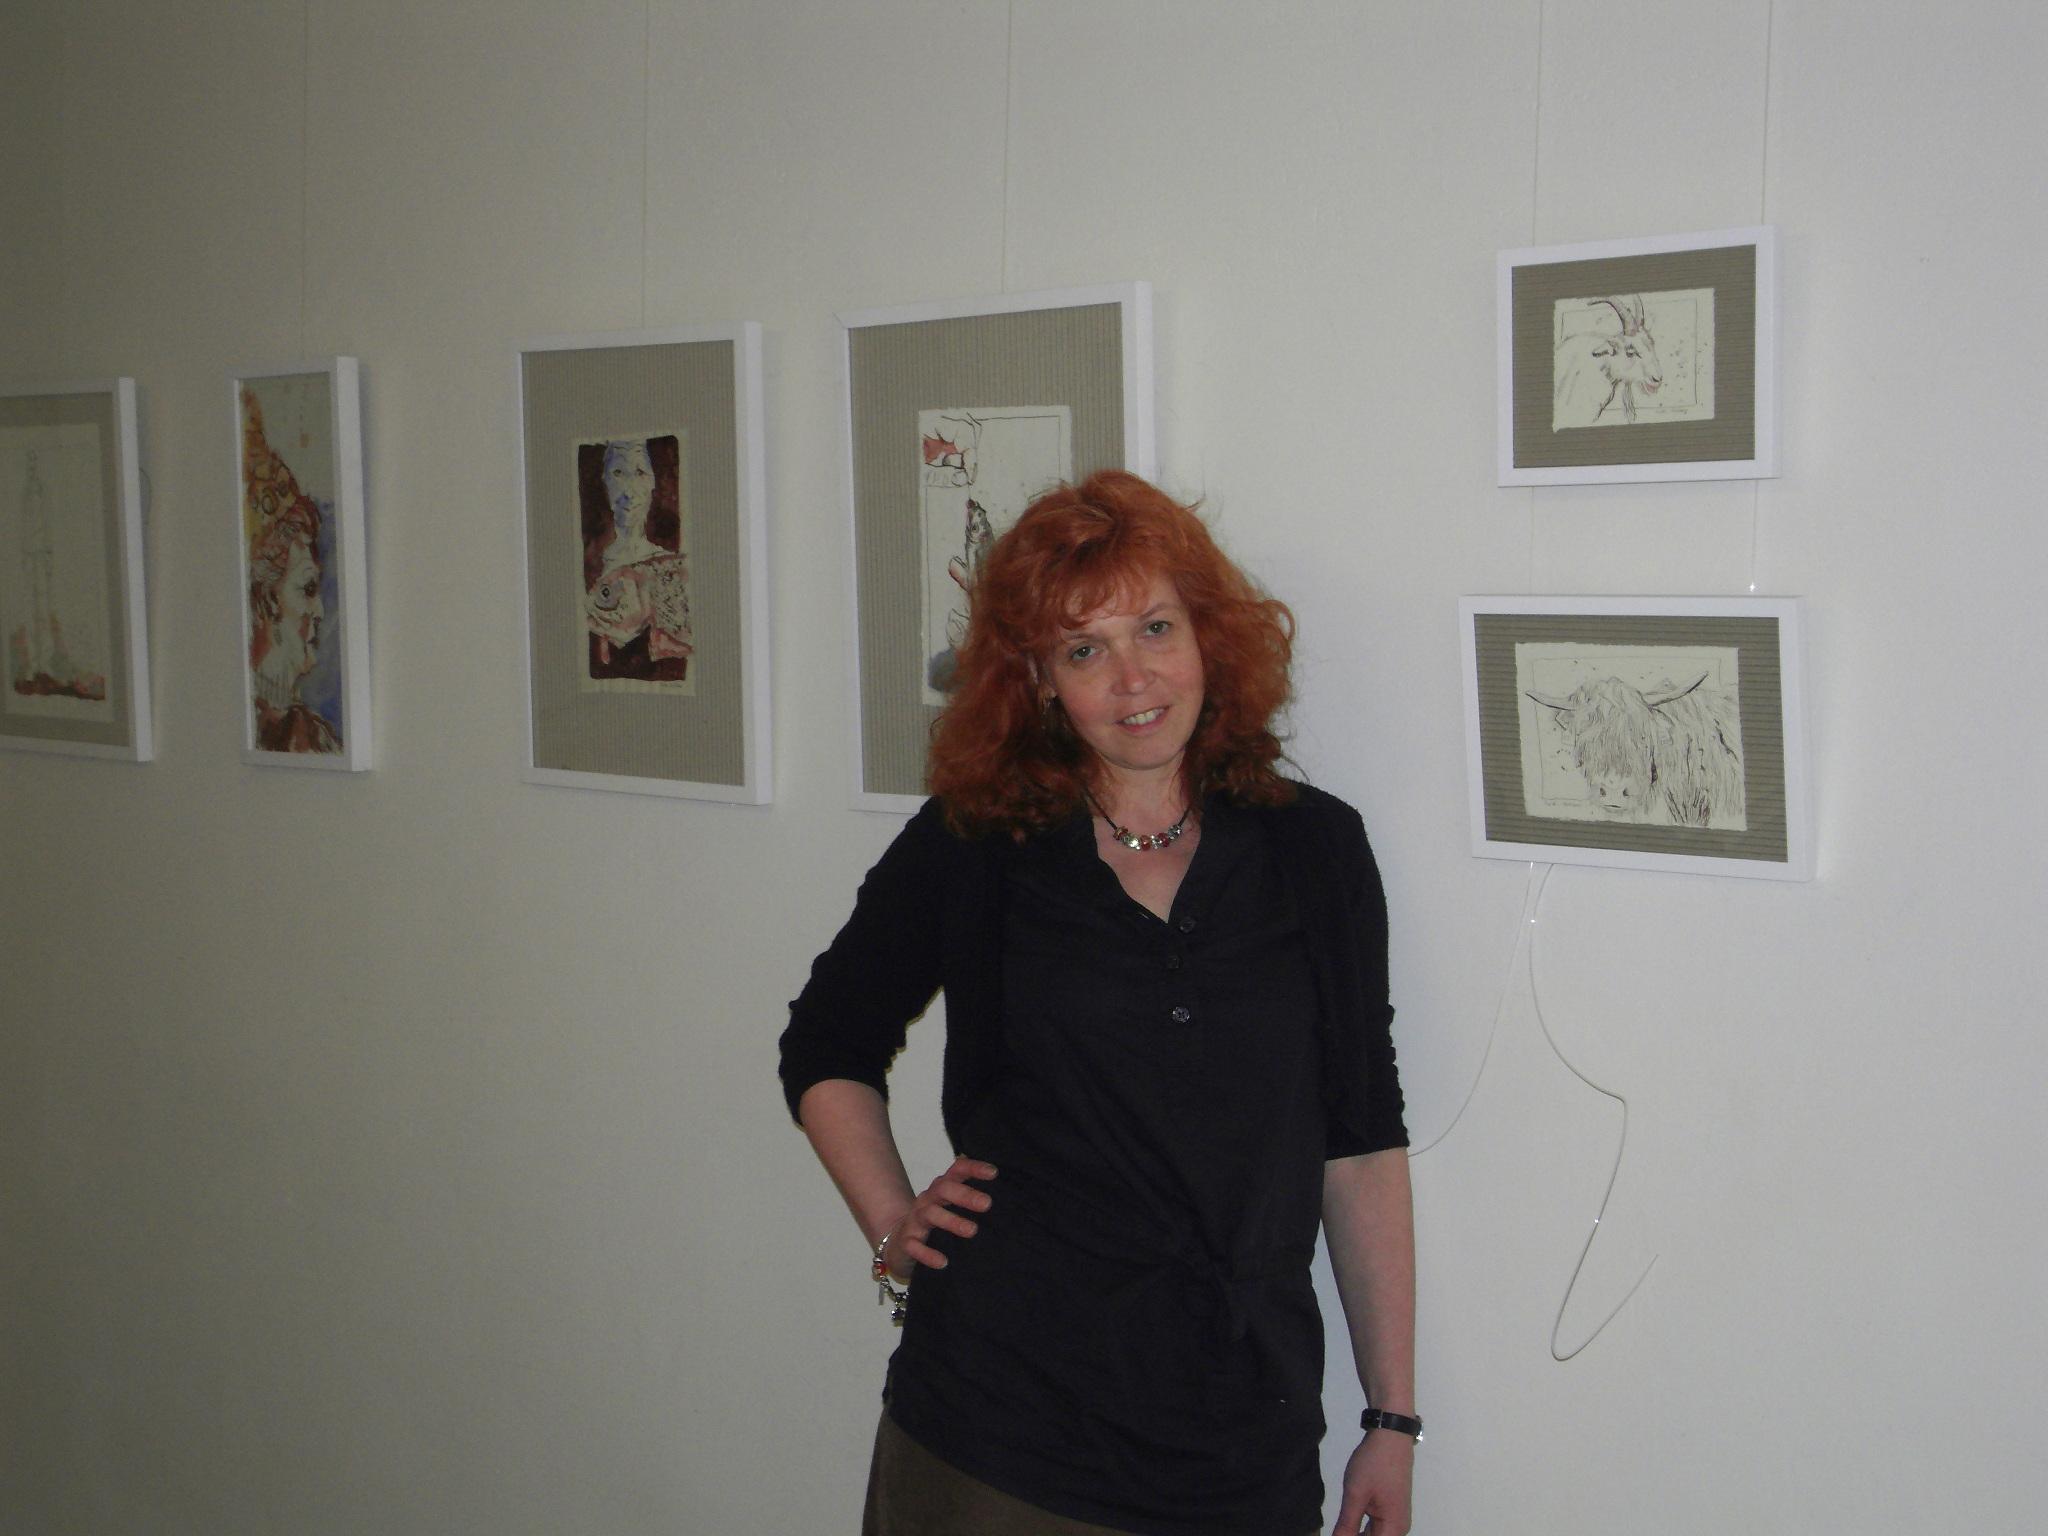 """Susanne Haun beim hängen der Ausstellung """"Short Cuts, Part 2, People"""""""